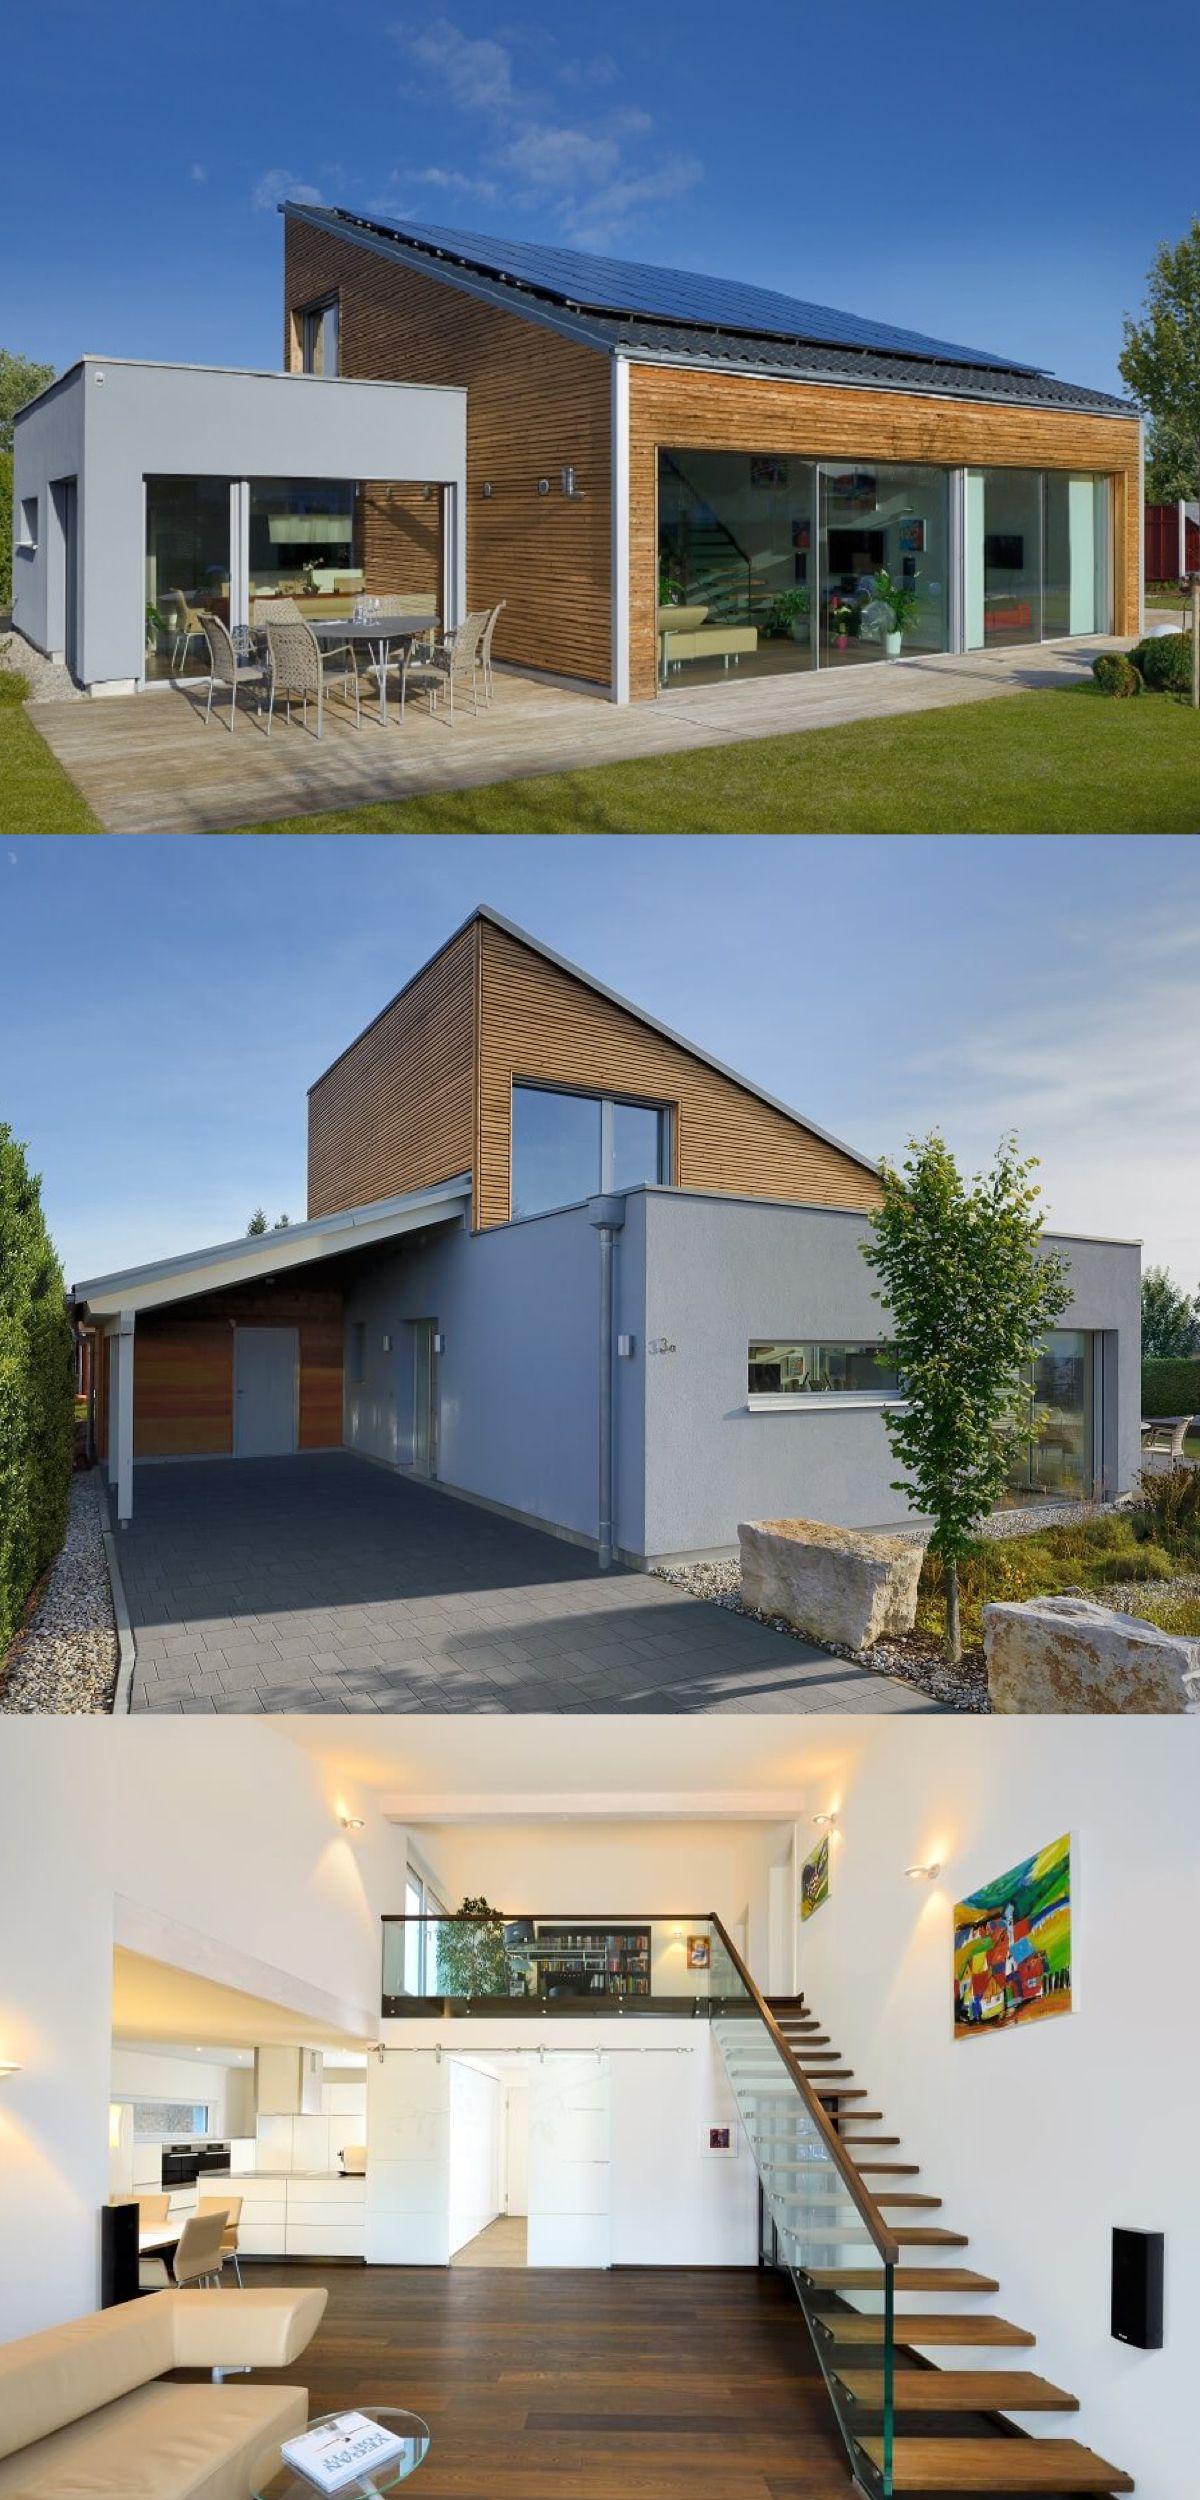 Moderner bungalow mit pultdach haus ederer von baufritz for Haus mit satteldach moderne architektur